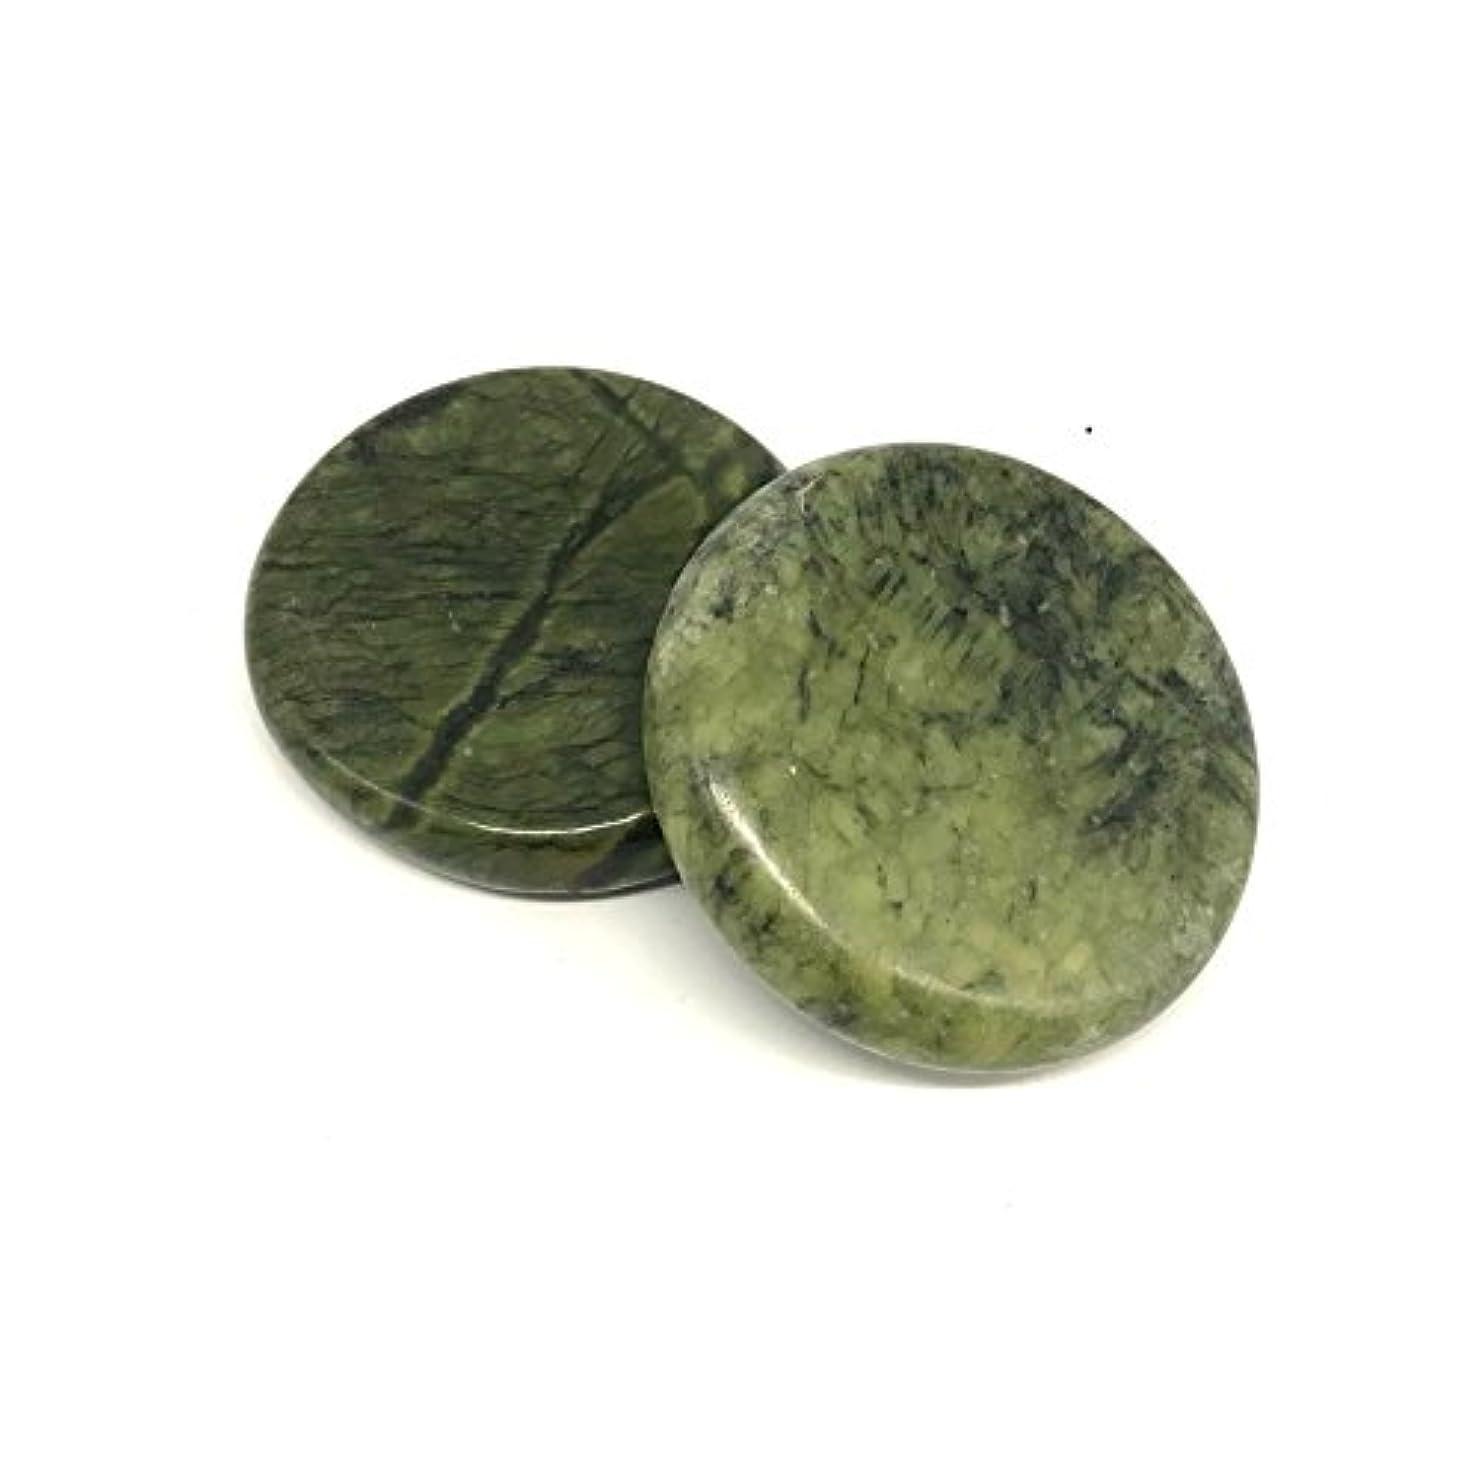 コンセンサスカートリッジエコーオリーブ玉翡翠ホットストン 足つぼ?手のひら かっさ Natural Green Jade Stone hot stone for body massage Spa massage tools (L 2 点PCS) (3.14...